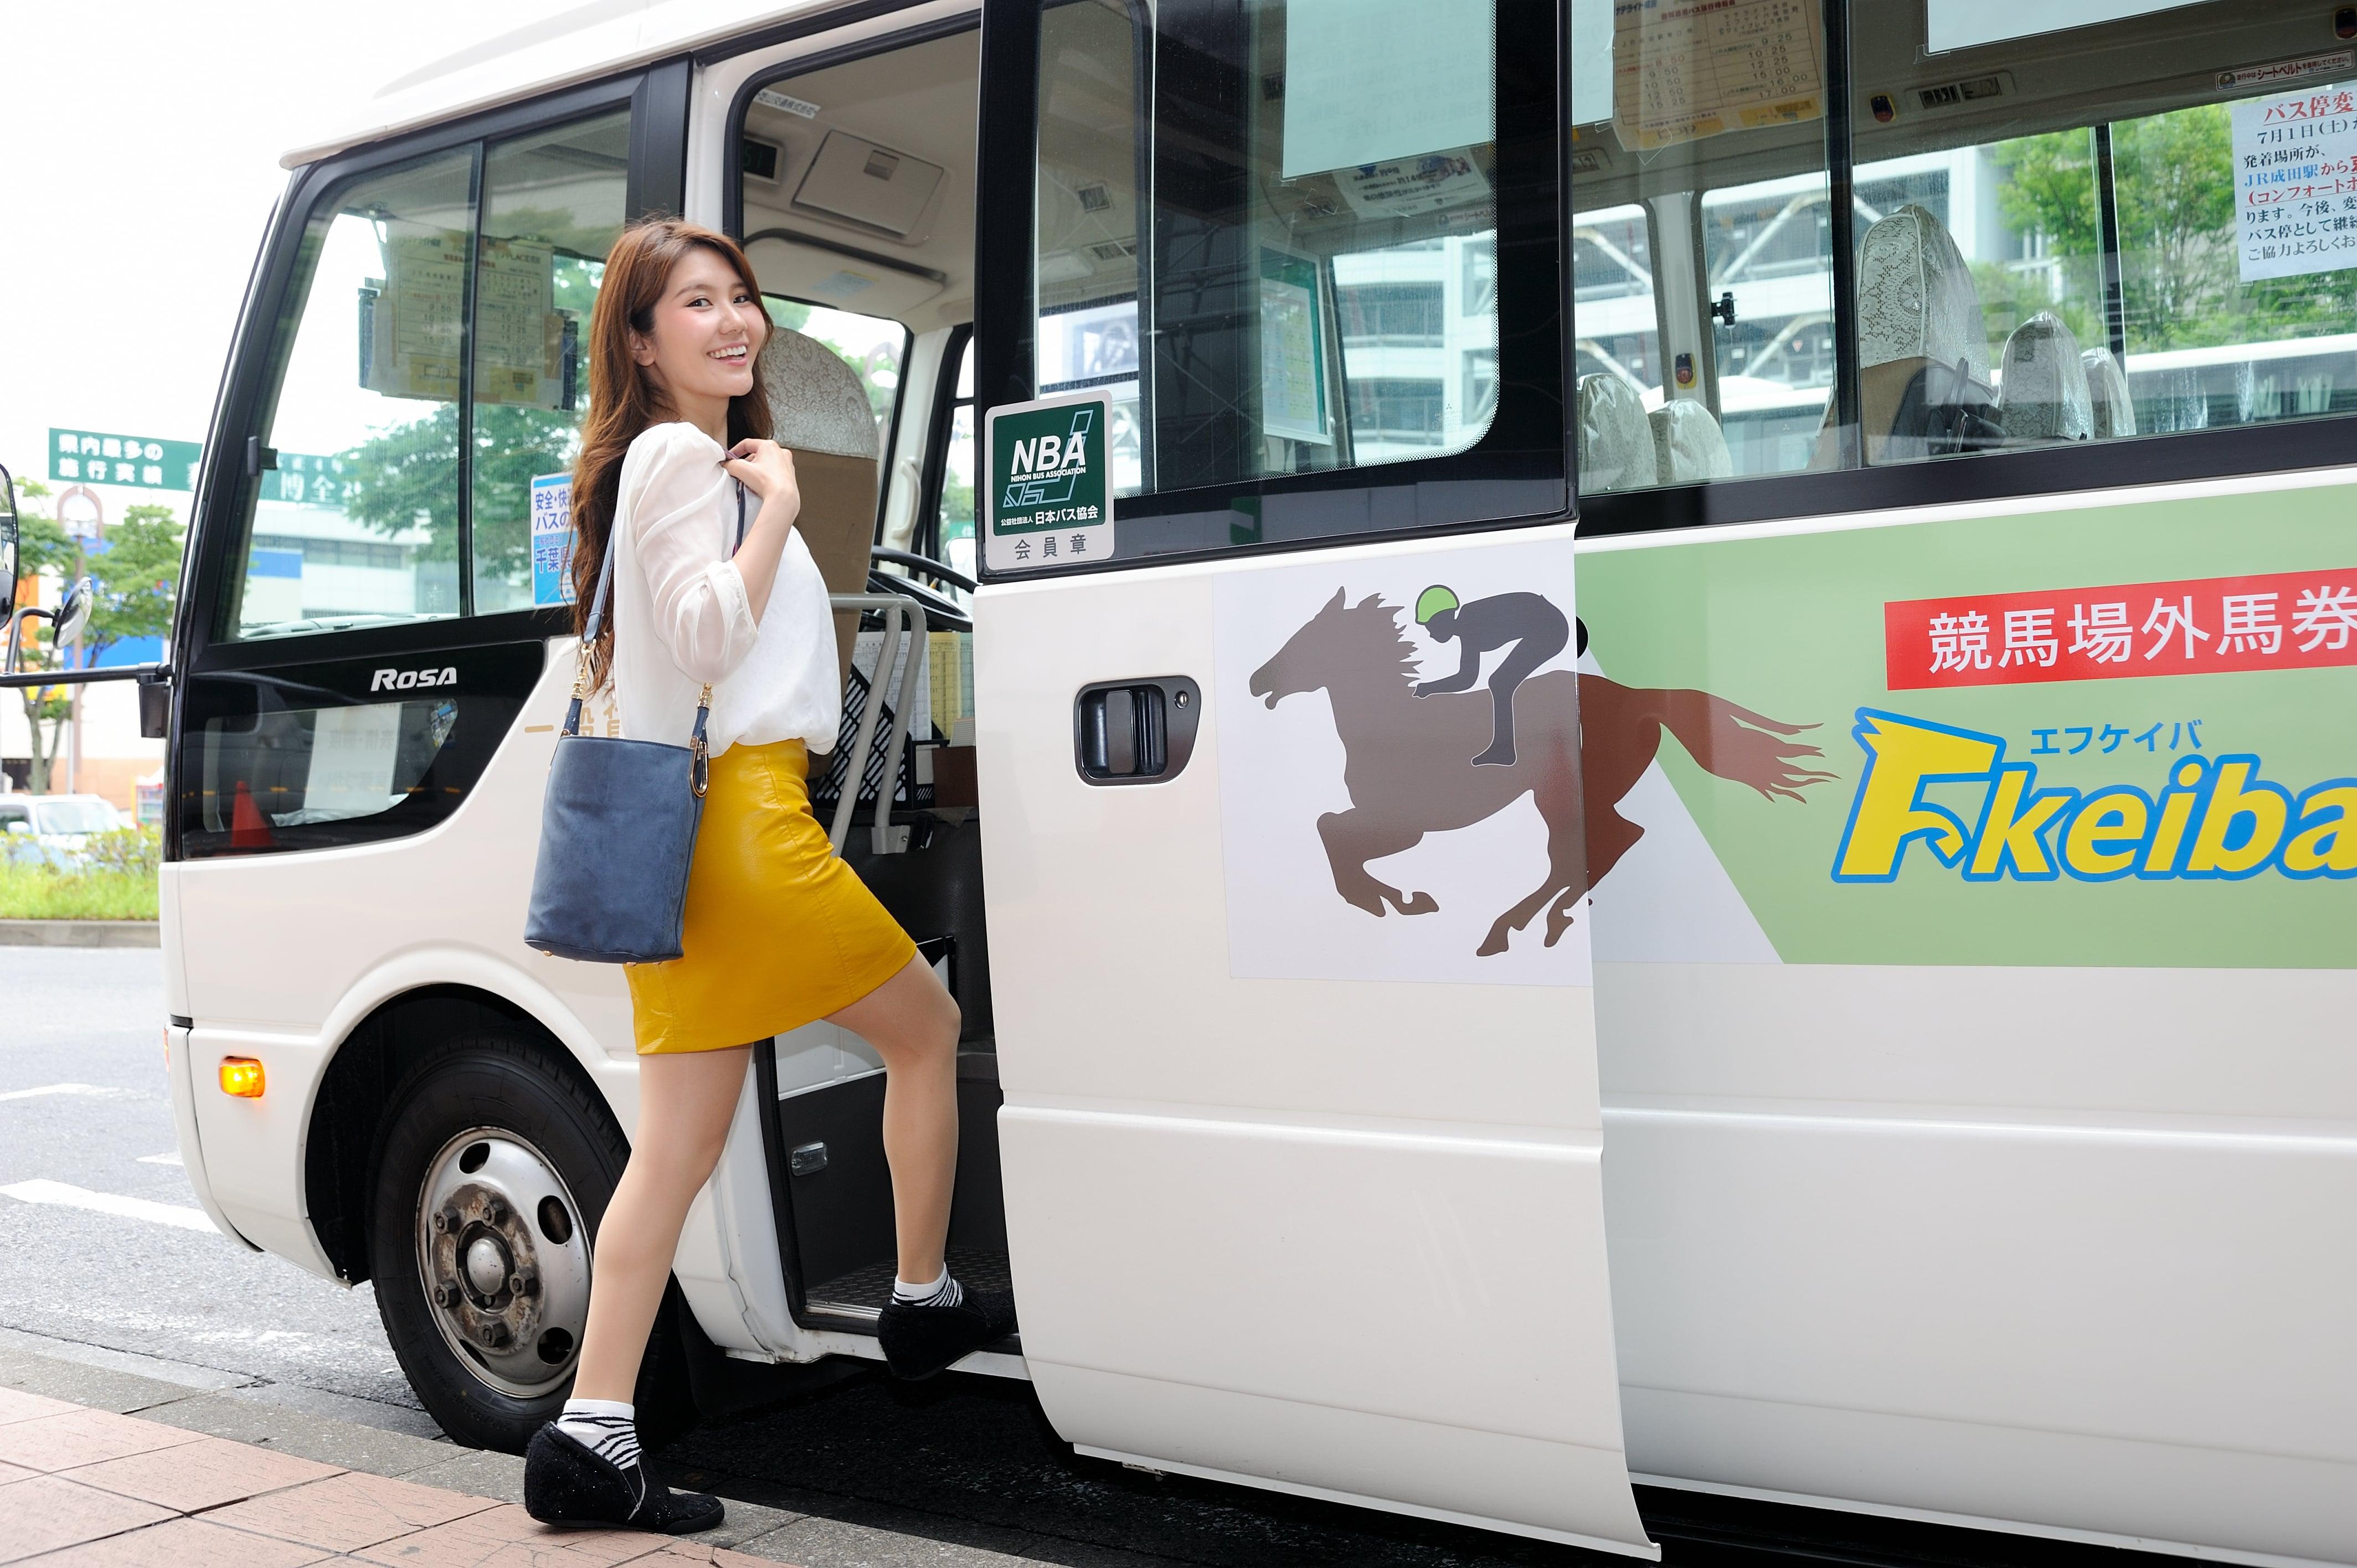 サテライト成田の無料送迎バスに乗り込む女性の写真